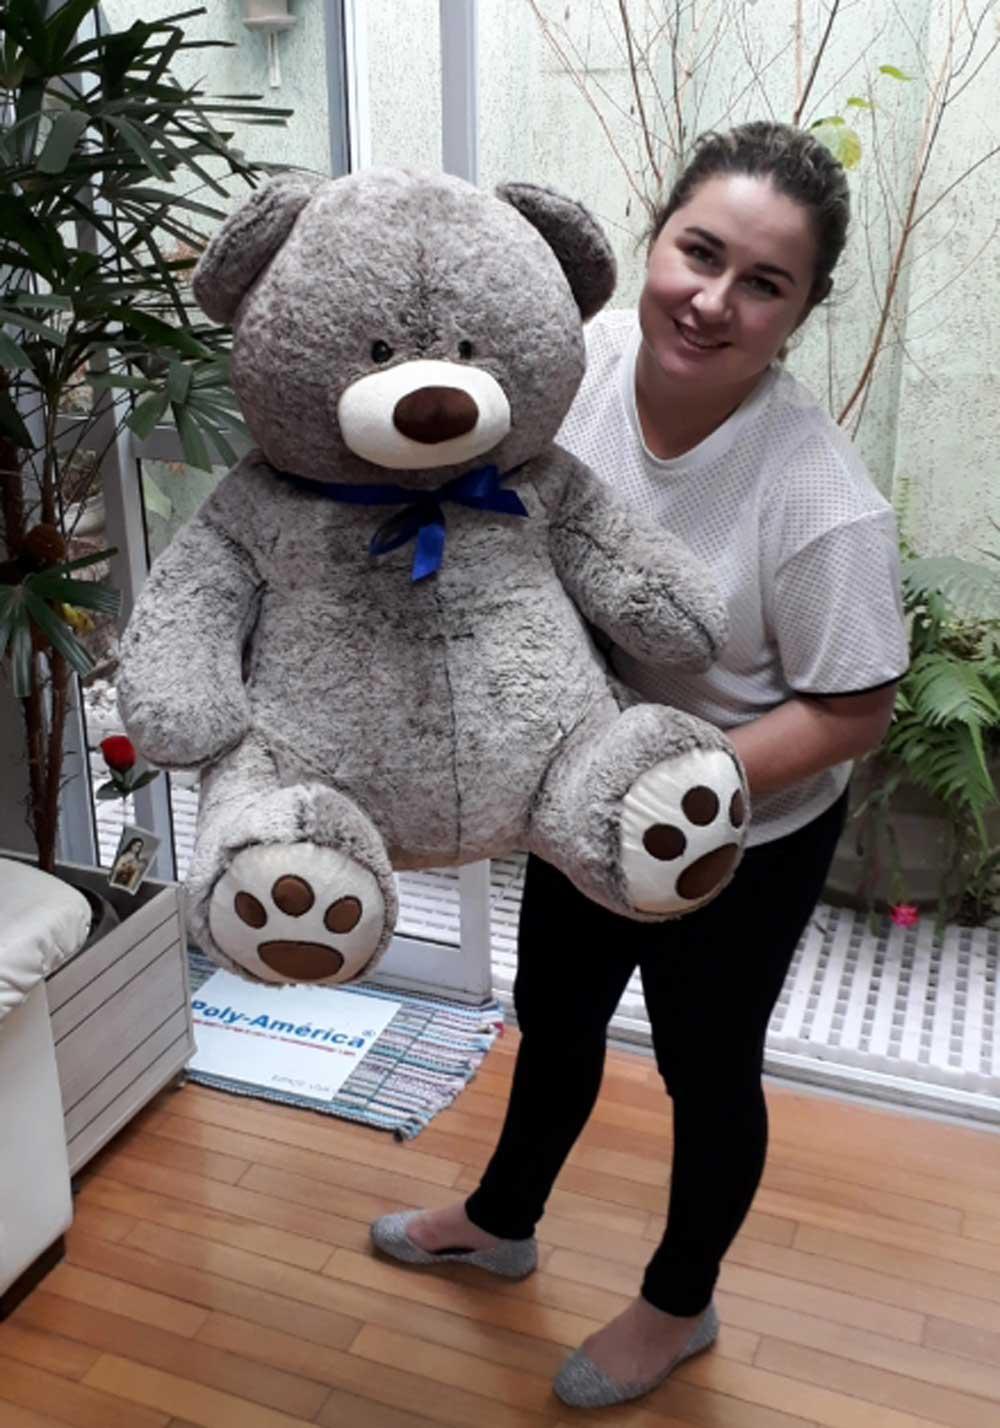 Urso de Pelúcia Mesclado Cinza Grande 80cm x 70cm bem Cheio com Gravata Azul e 2 Rosas Vermelhas em Feltro de Alta Qualidade ideal para presentear a namorada!